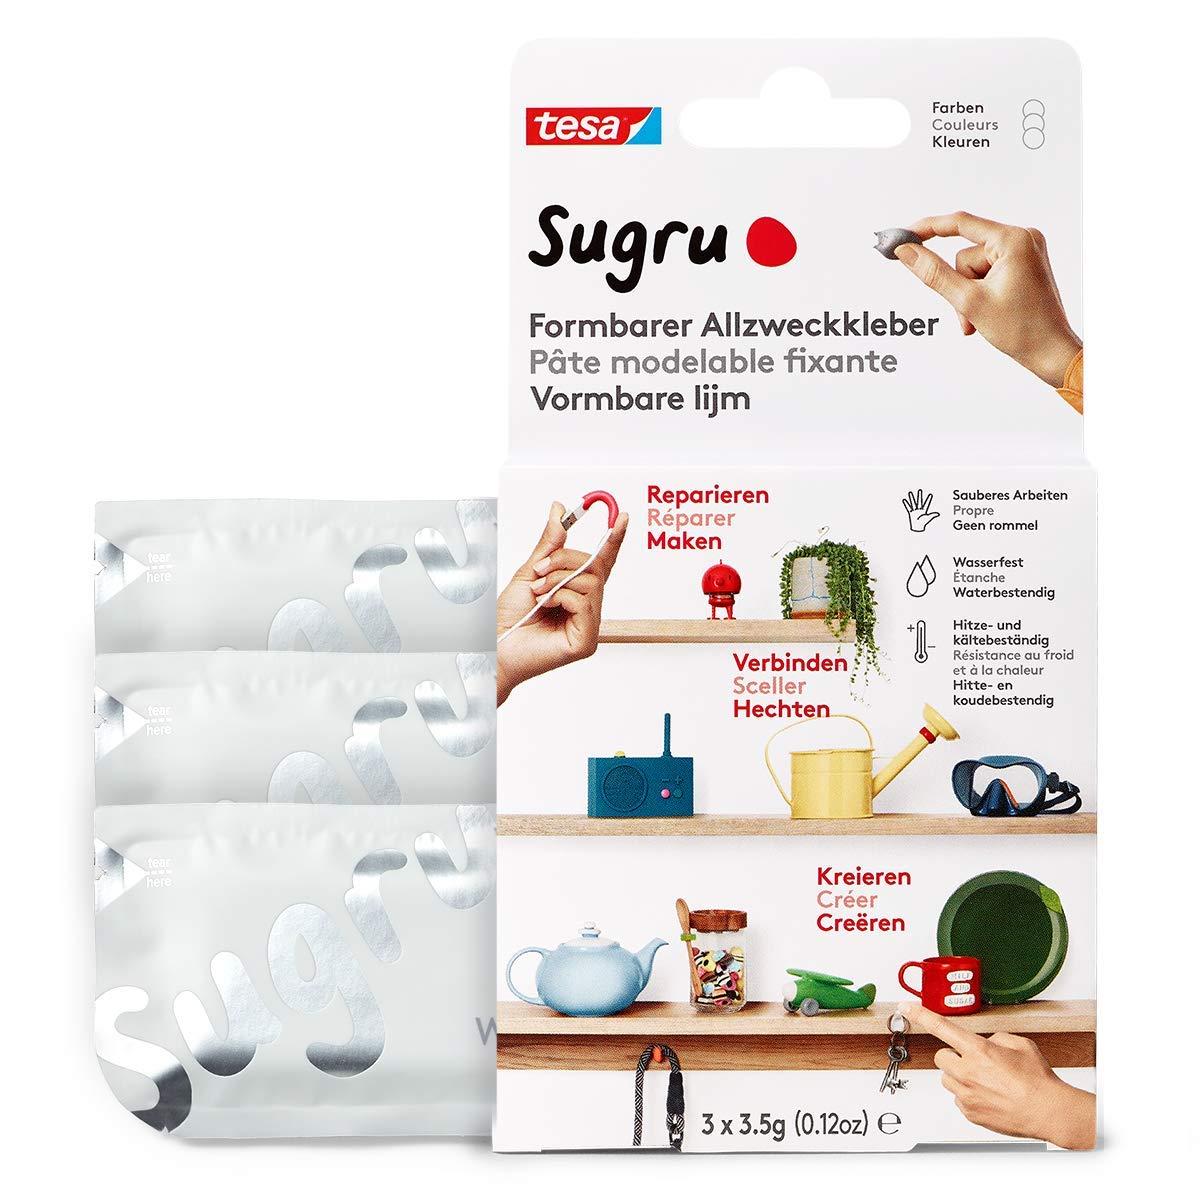 Sugru by tesa® - Formbarer Allzweckkleber, starker Allzweck-Klebstoff, 3er-Pack (3 x 3,5 g) in Weiß